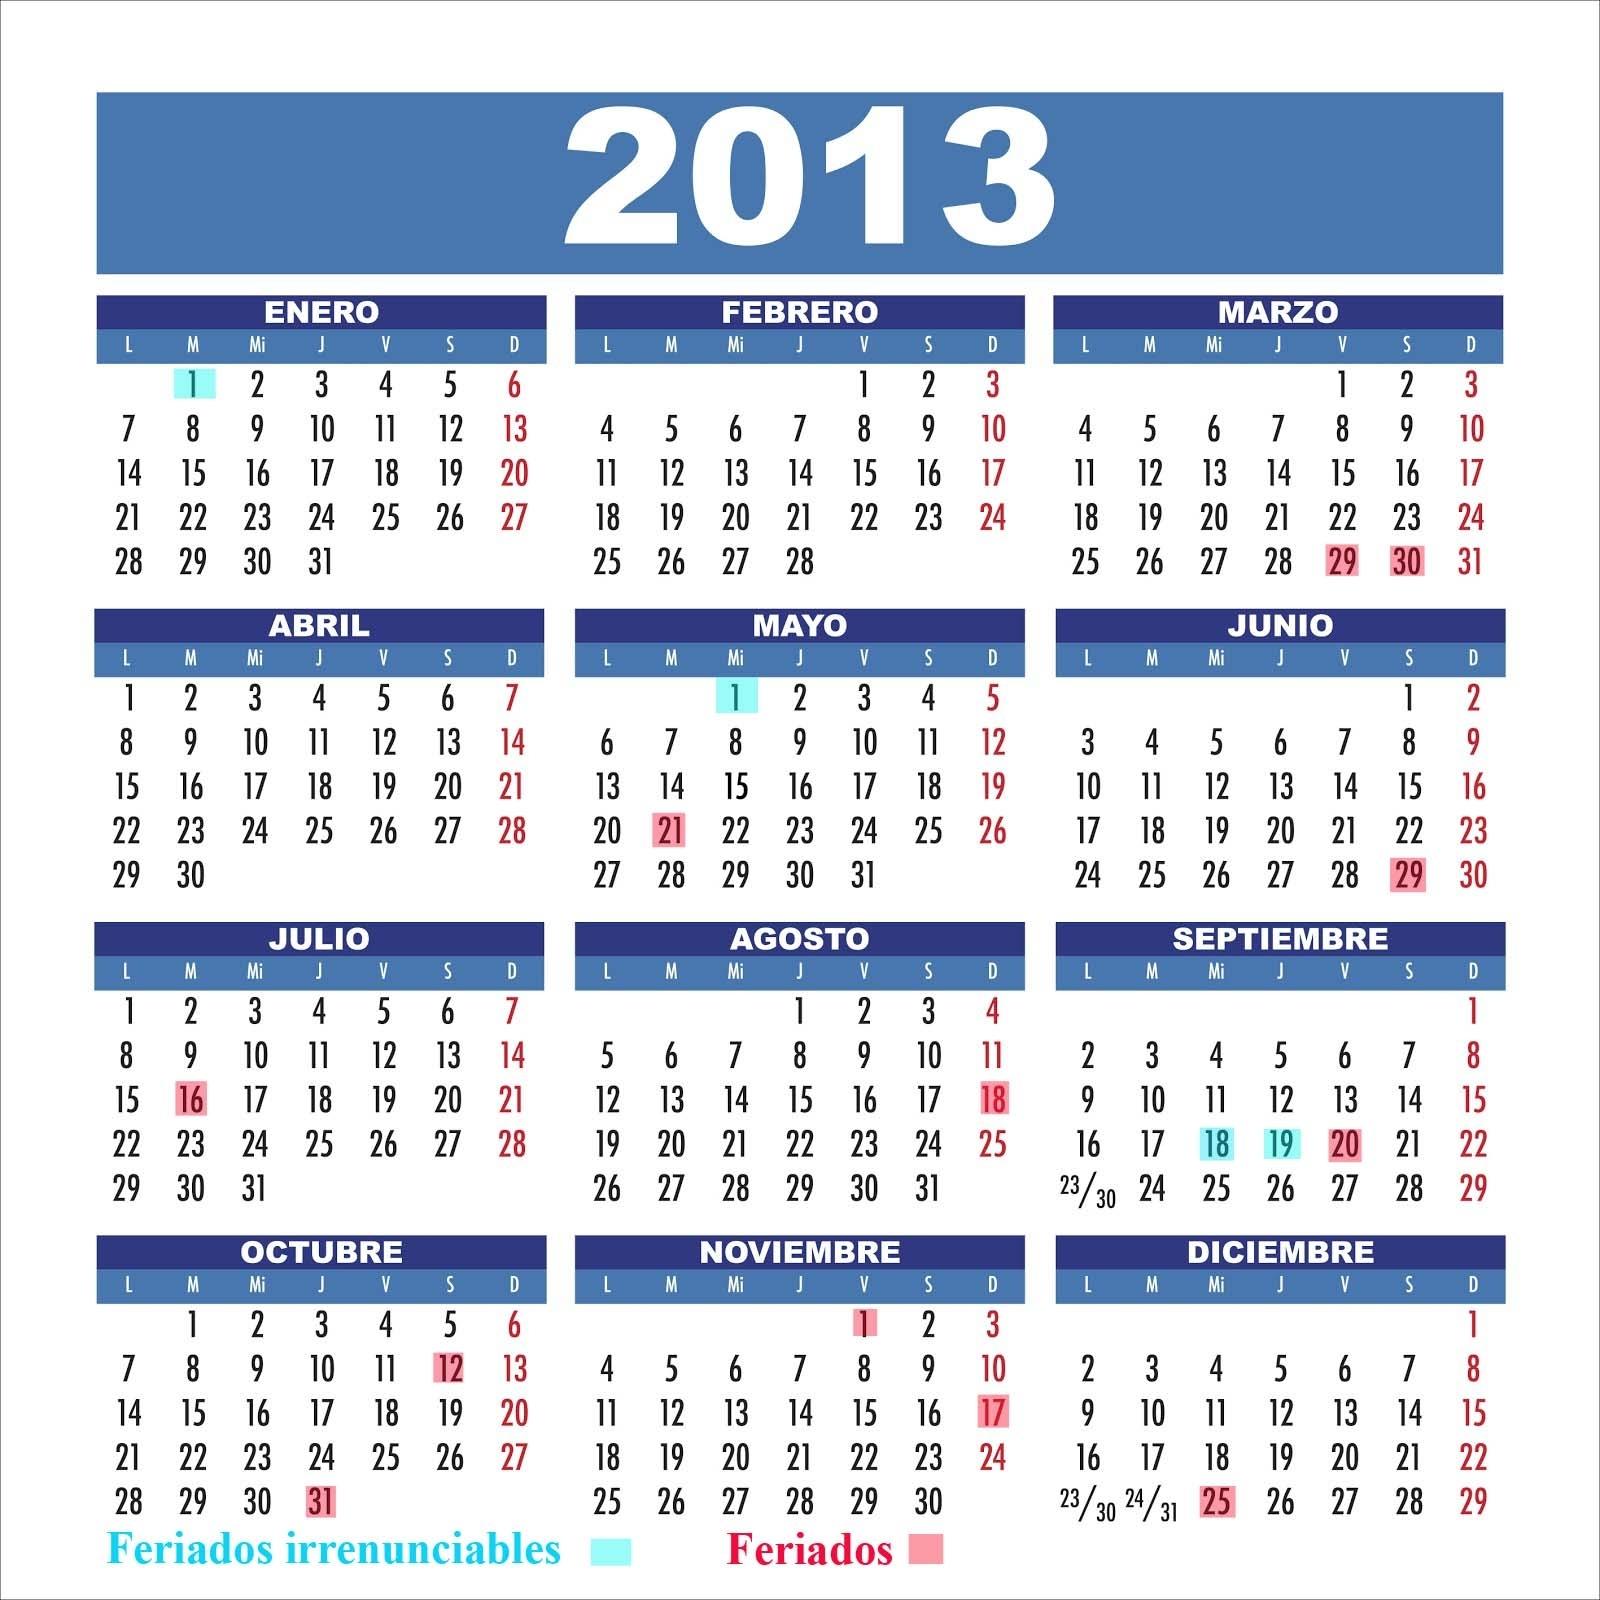 Todos Los Feriados 2014 - Semana Santa 2014: Calendario 2013 Chile regarding Calendarios 17 Feriados En Chile